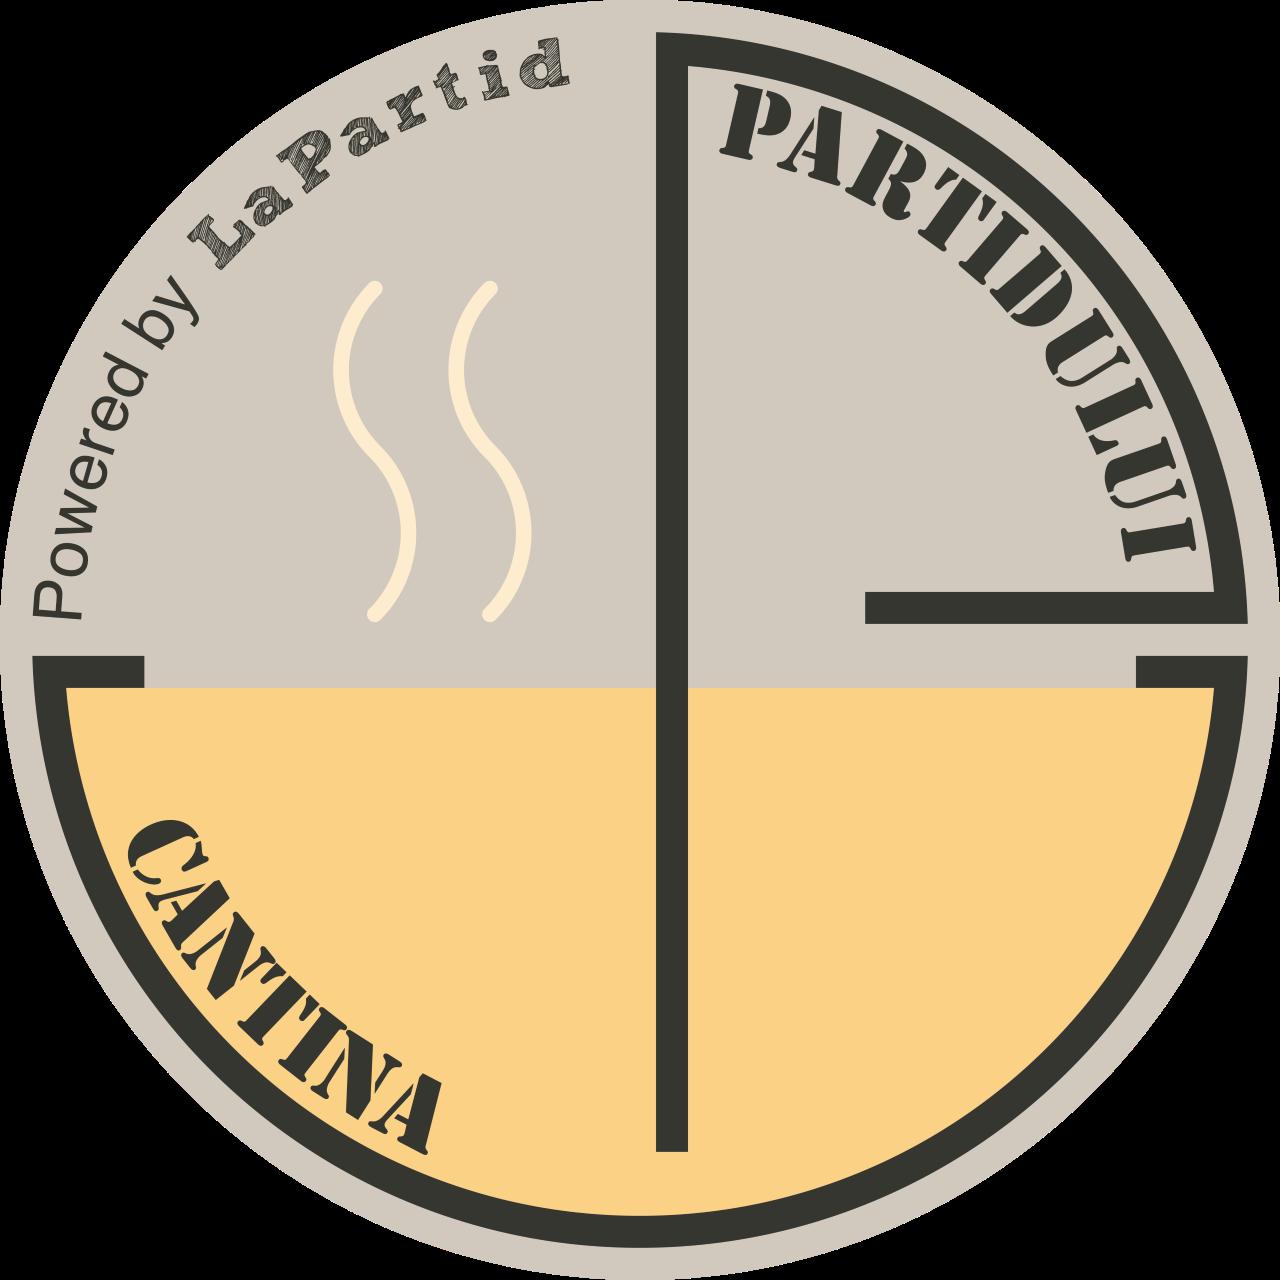 Cantina Partidului - logo